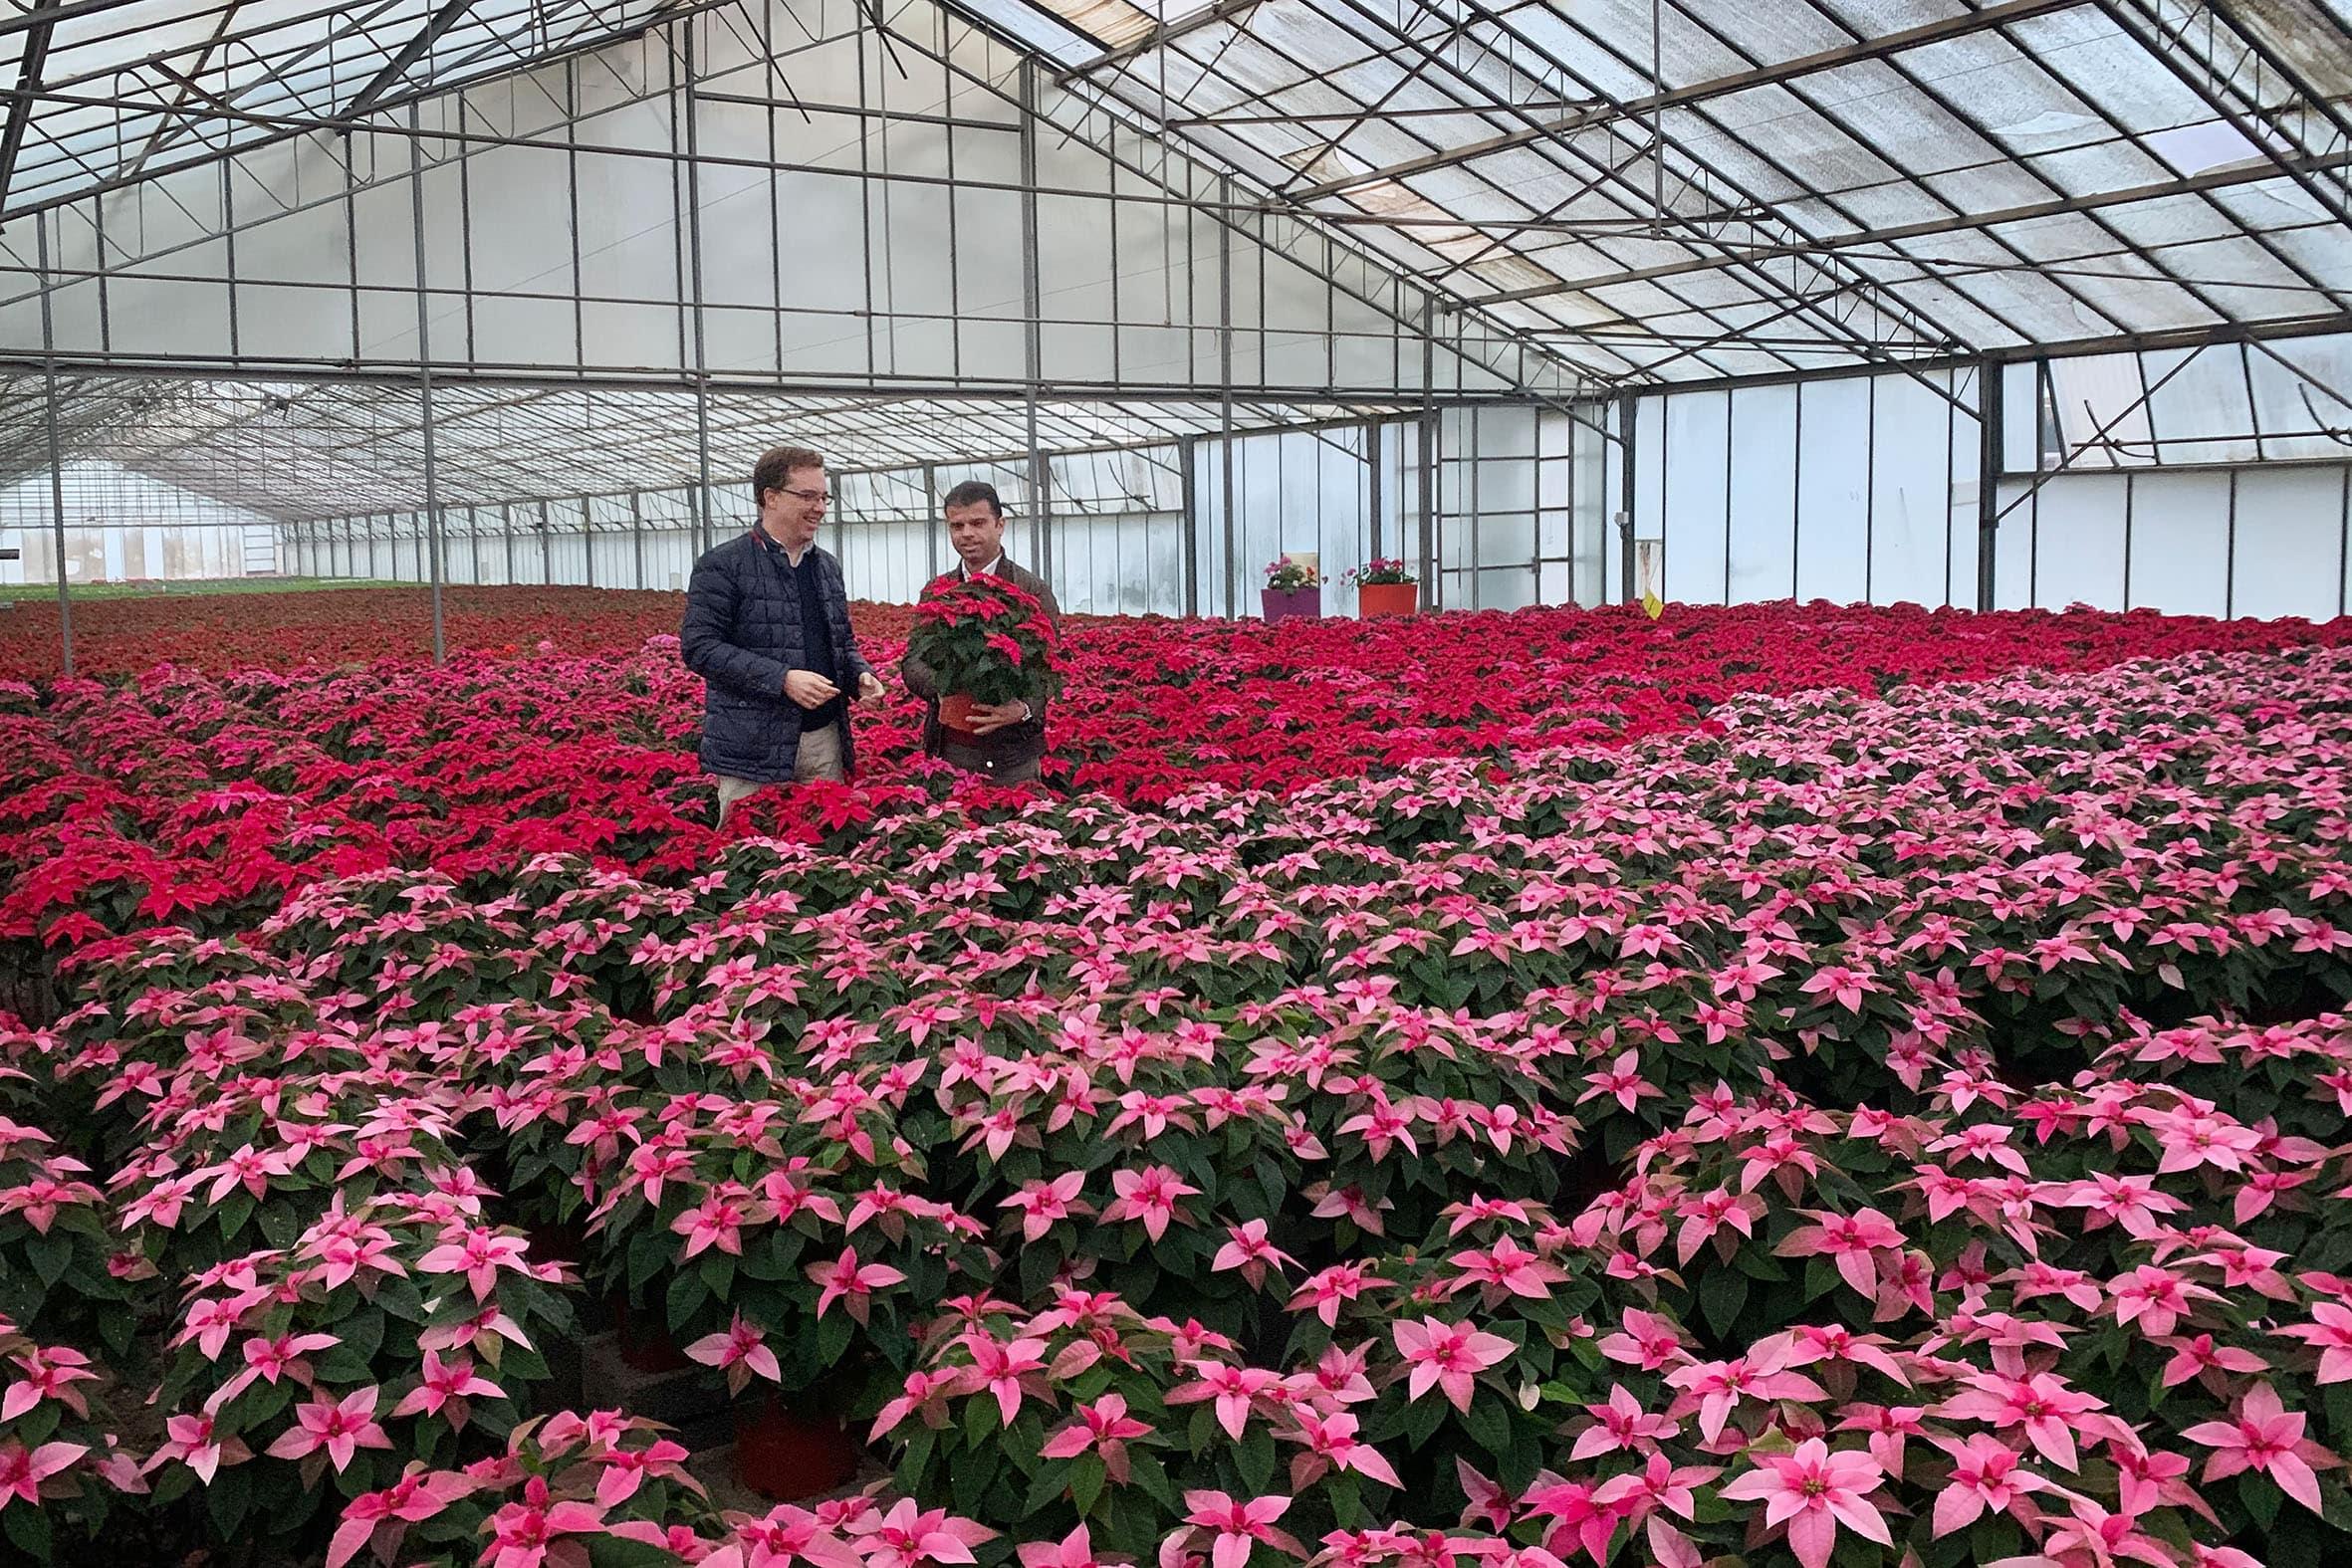 Adornarán con flores de Pascua los espacios públicos ante la Navidad